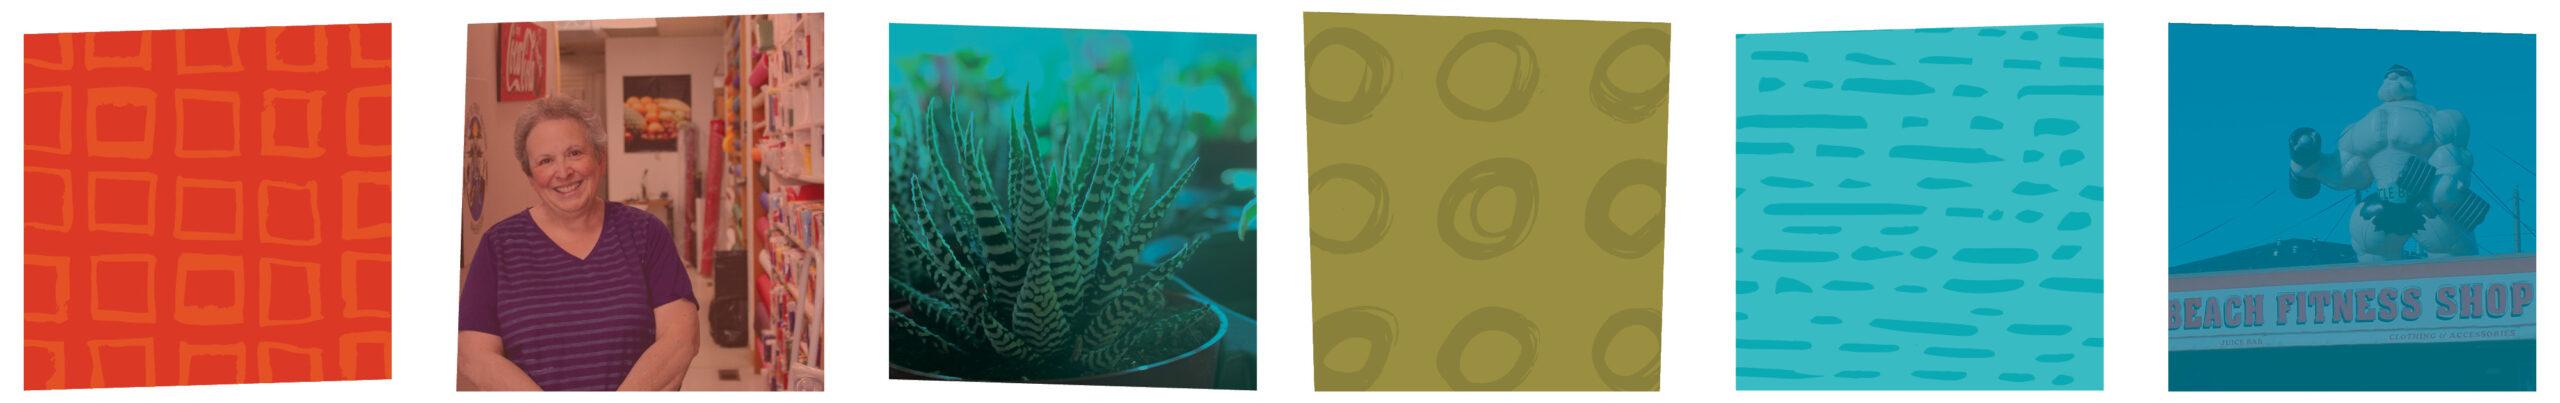 SPR Top Header Images_3